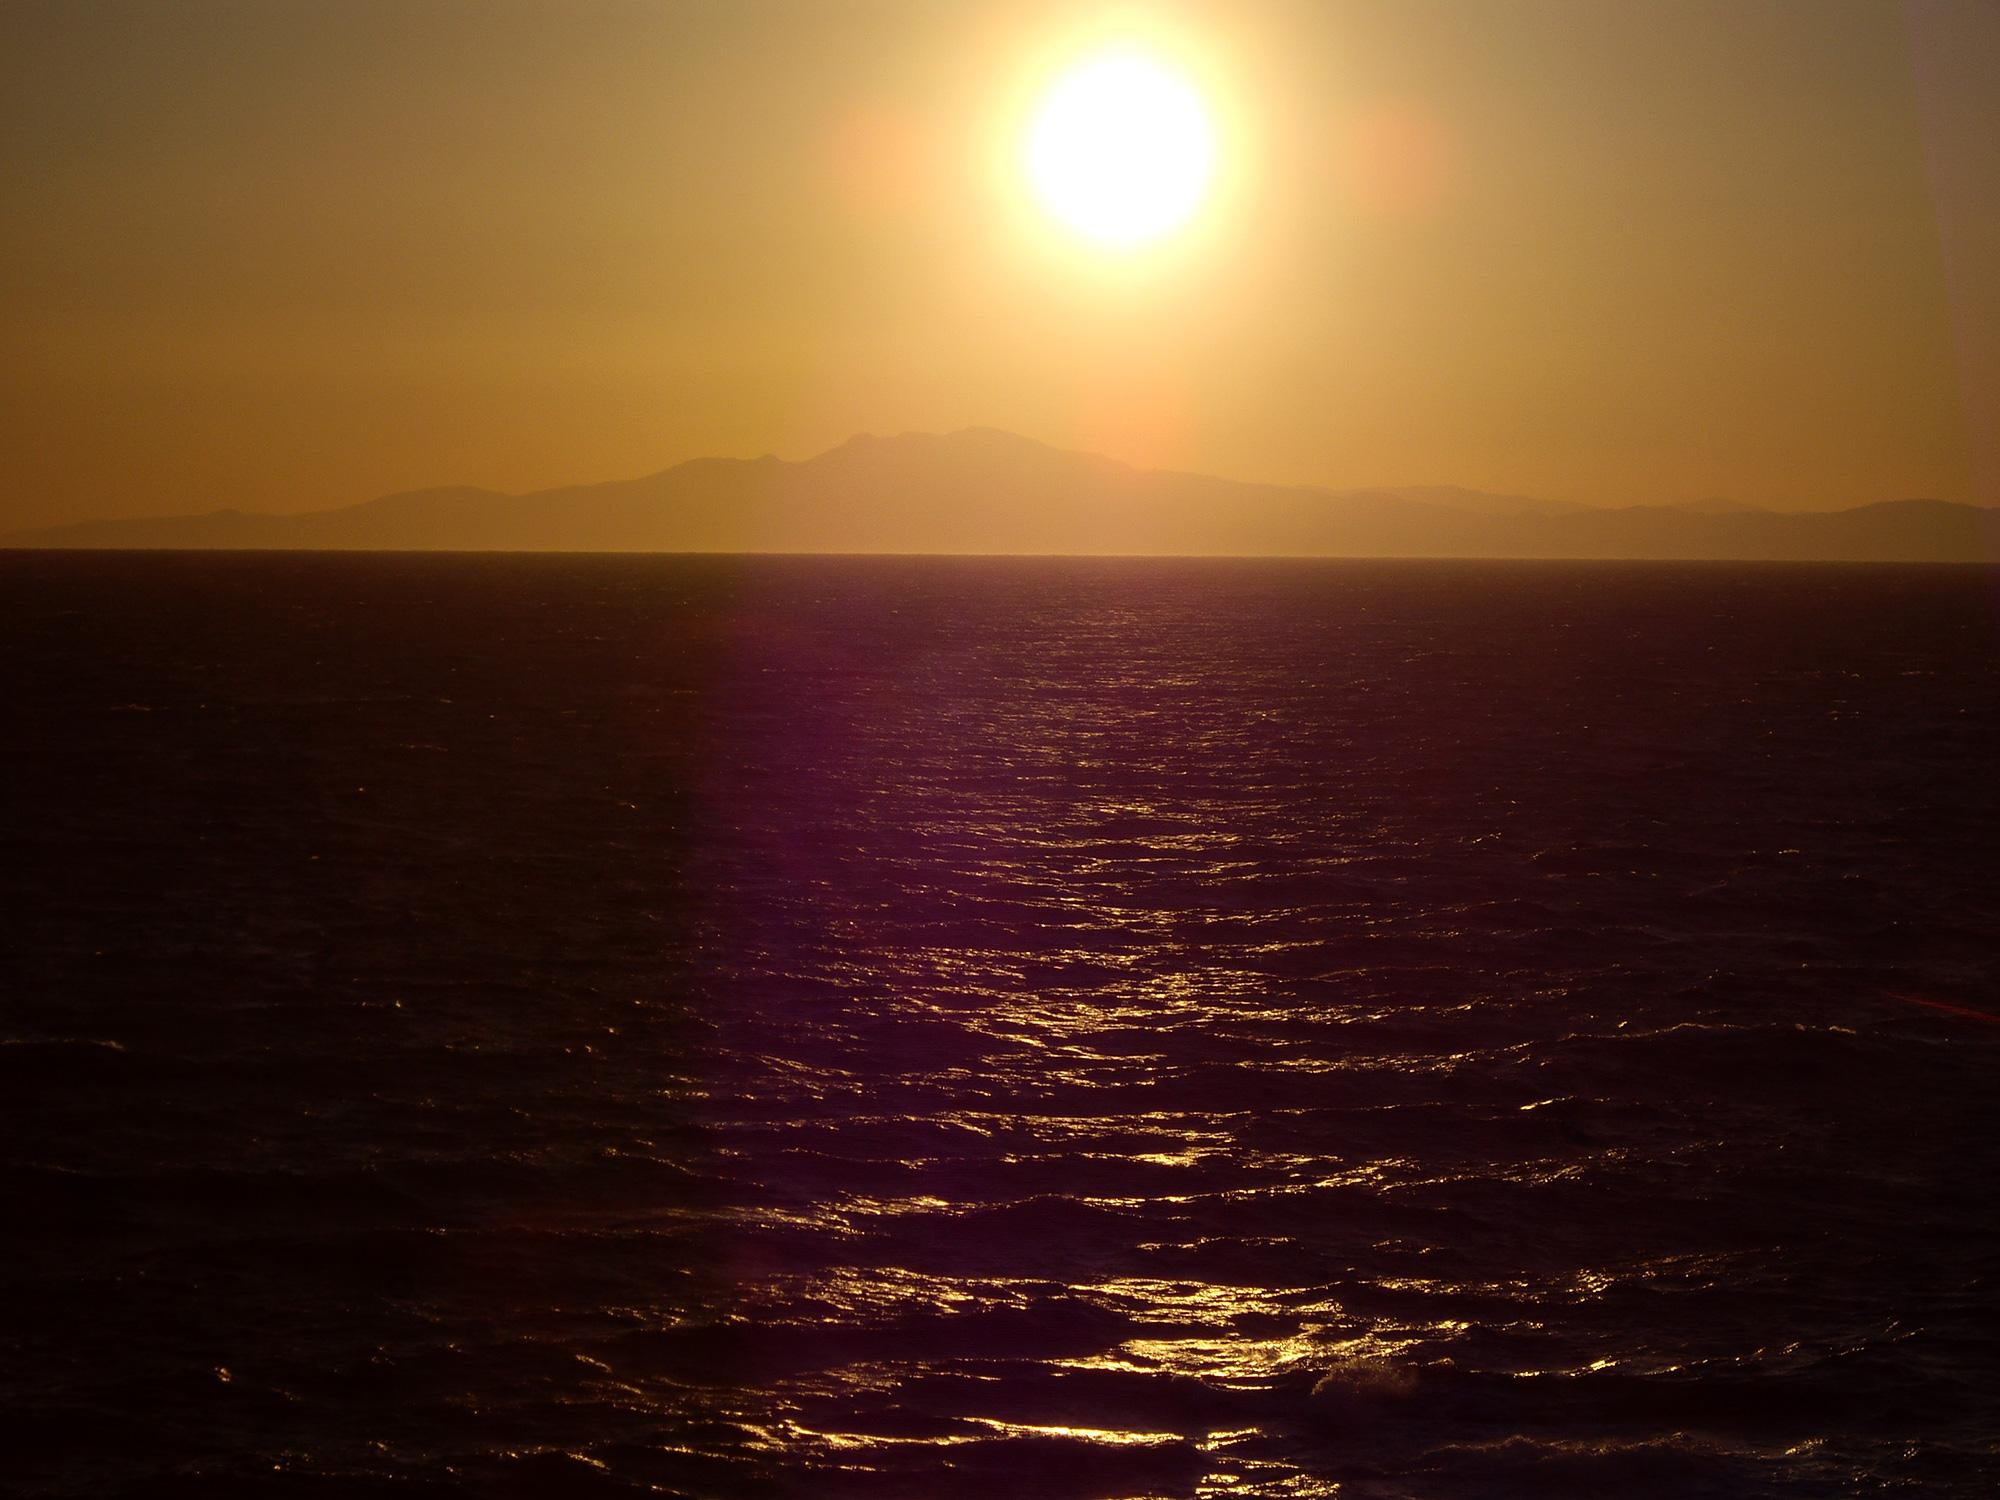 橙色に染まる夕焼けの空